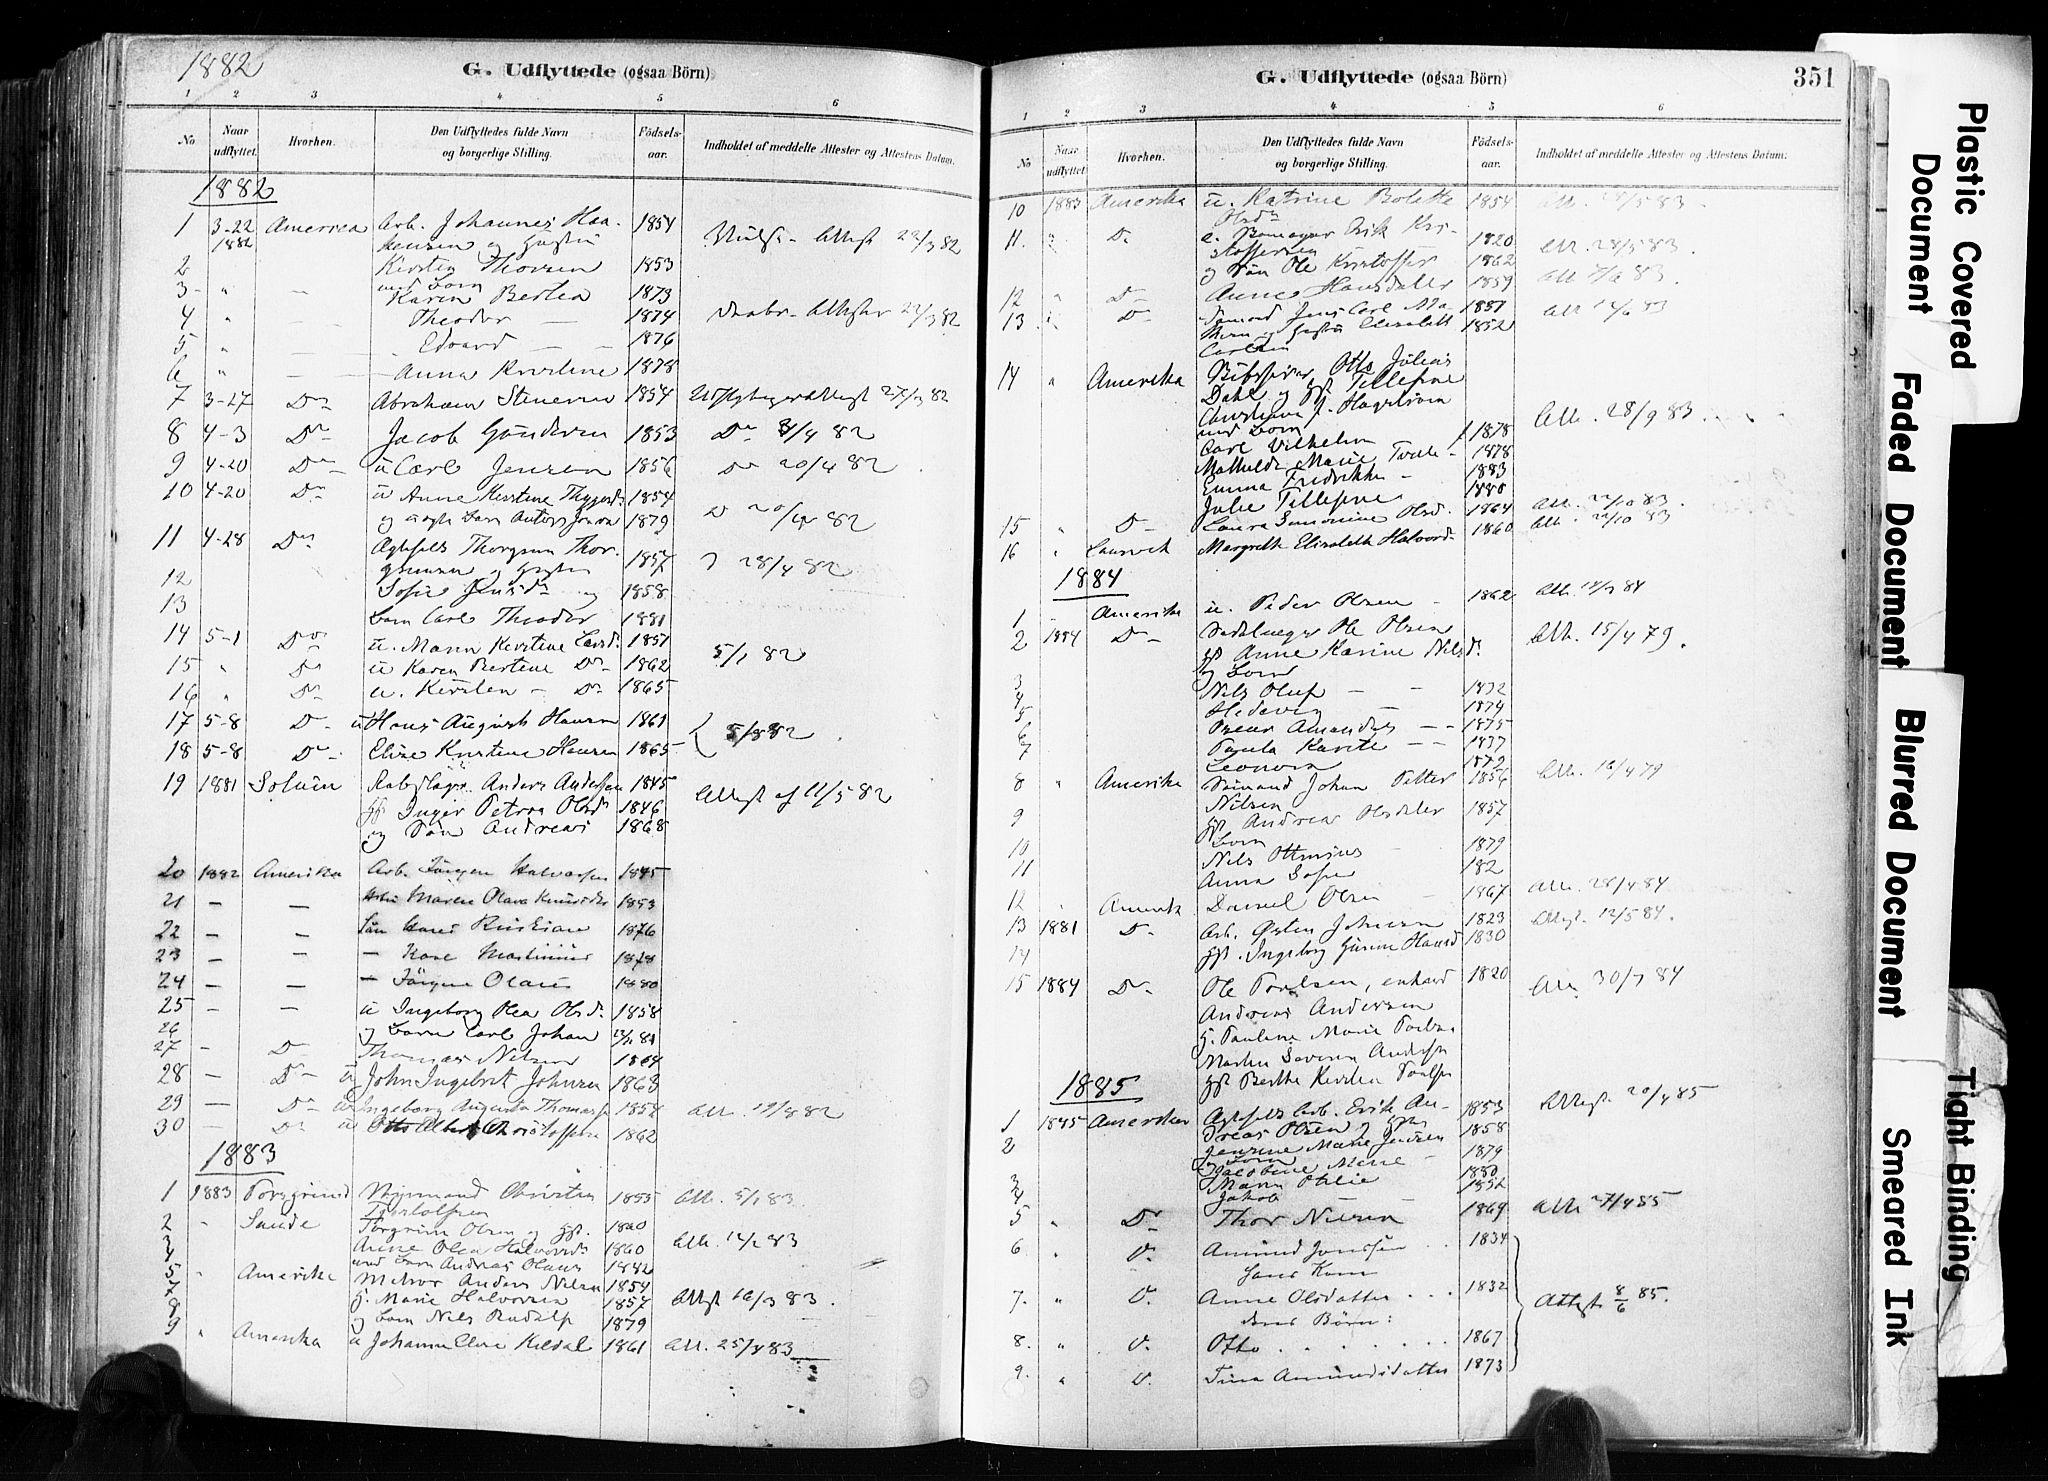 SAKO, Skien kirkebøker, F/Fa/L0009: Ministerialbok nr. 9, 1878-1890, s. 351